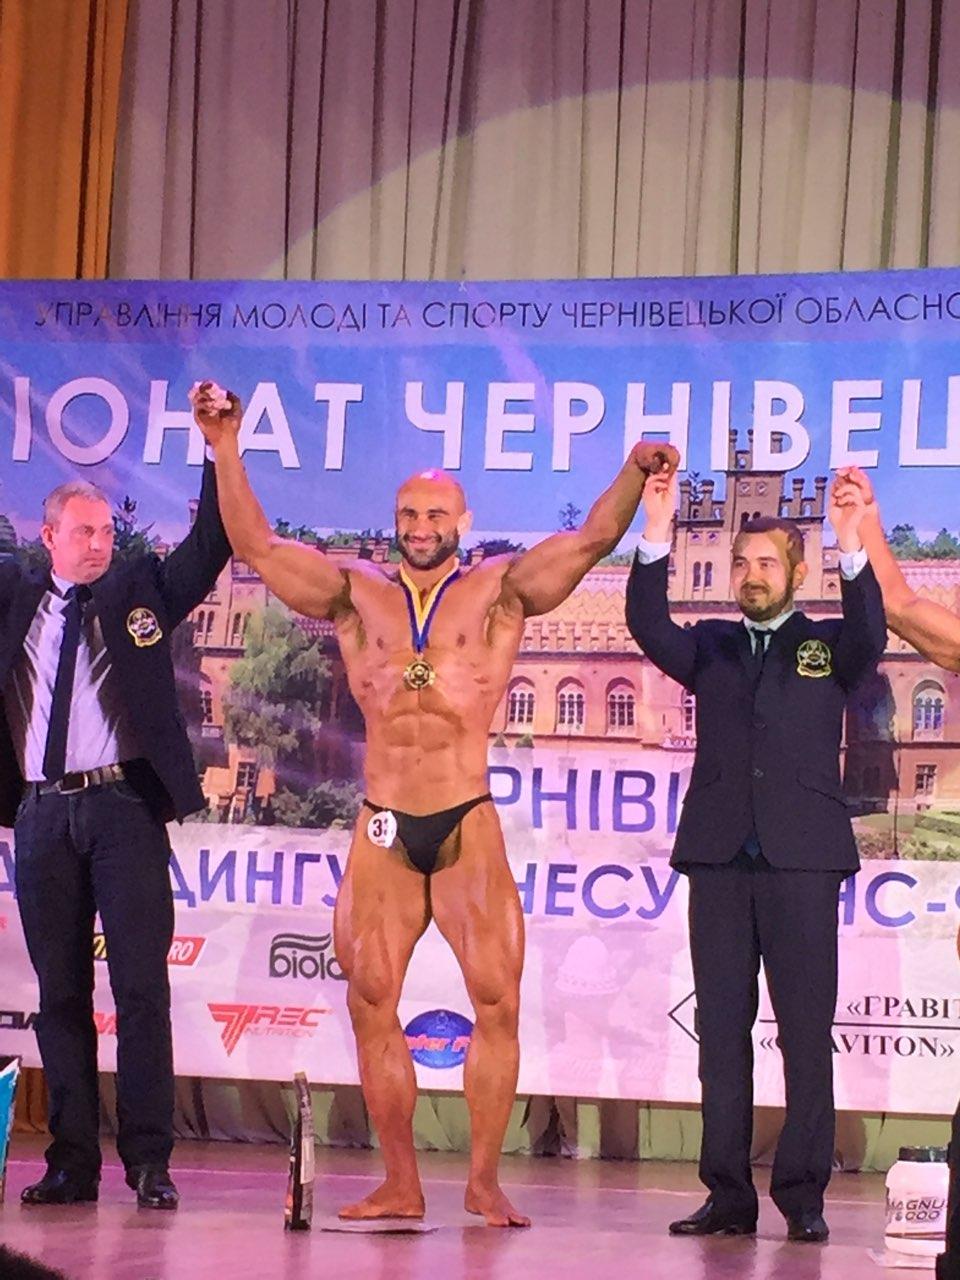 Закарпатець став абсолютним чемпіоном відкритого чемпіонату Буковини з бодібілдингу